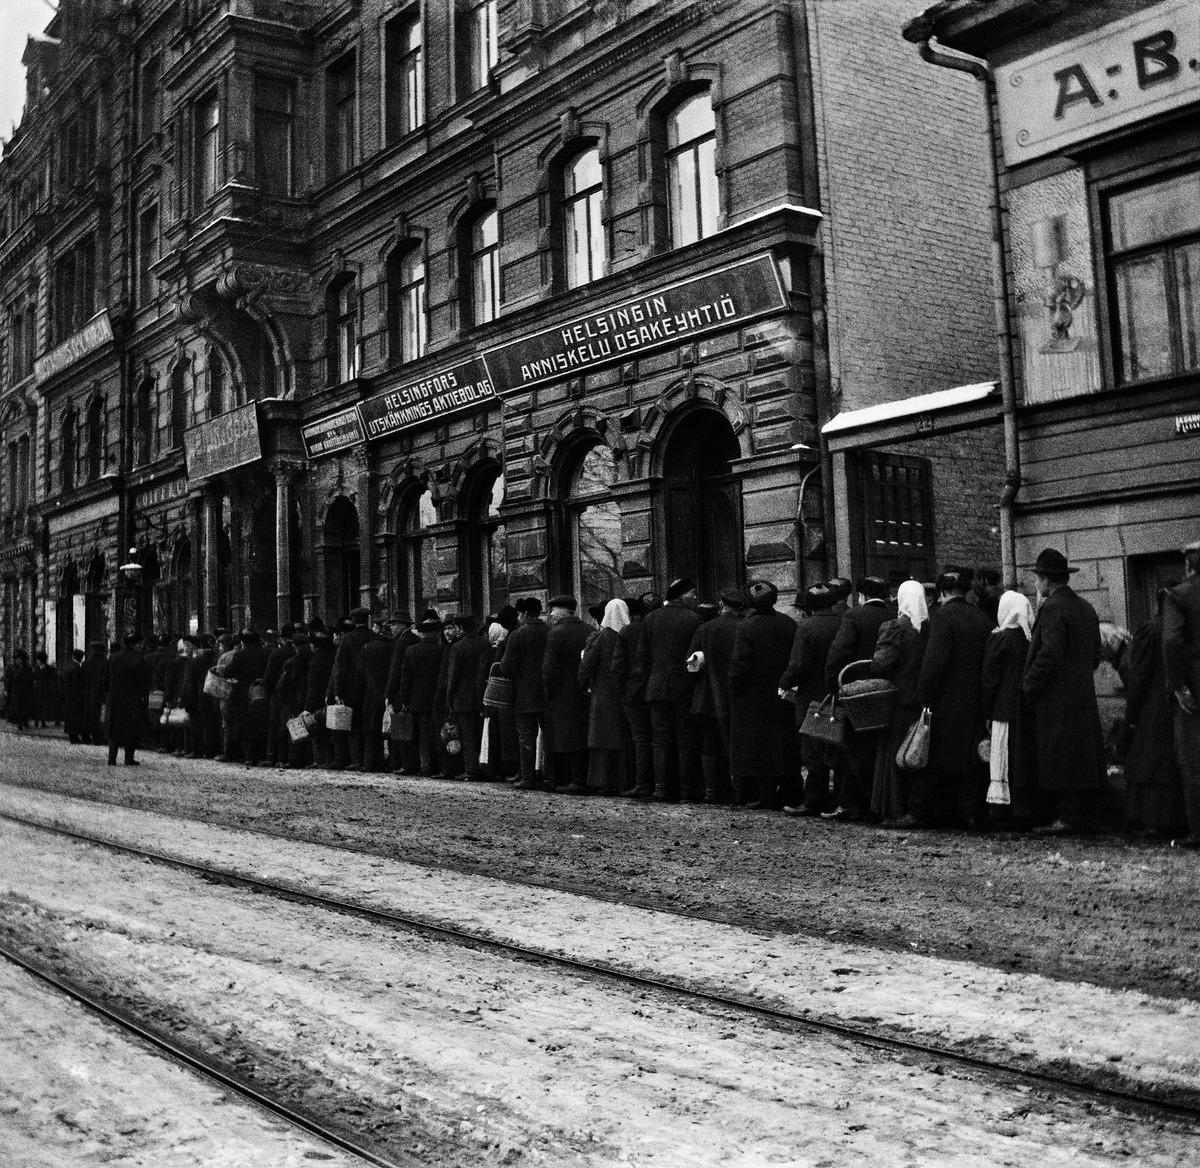 Perunajono Läntinen Heikinkatu 20:n (Mannerheimintie 16) edustalla vuonna 1918.